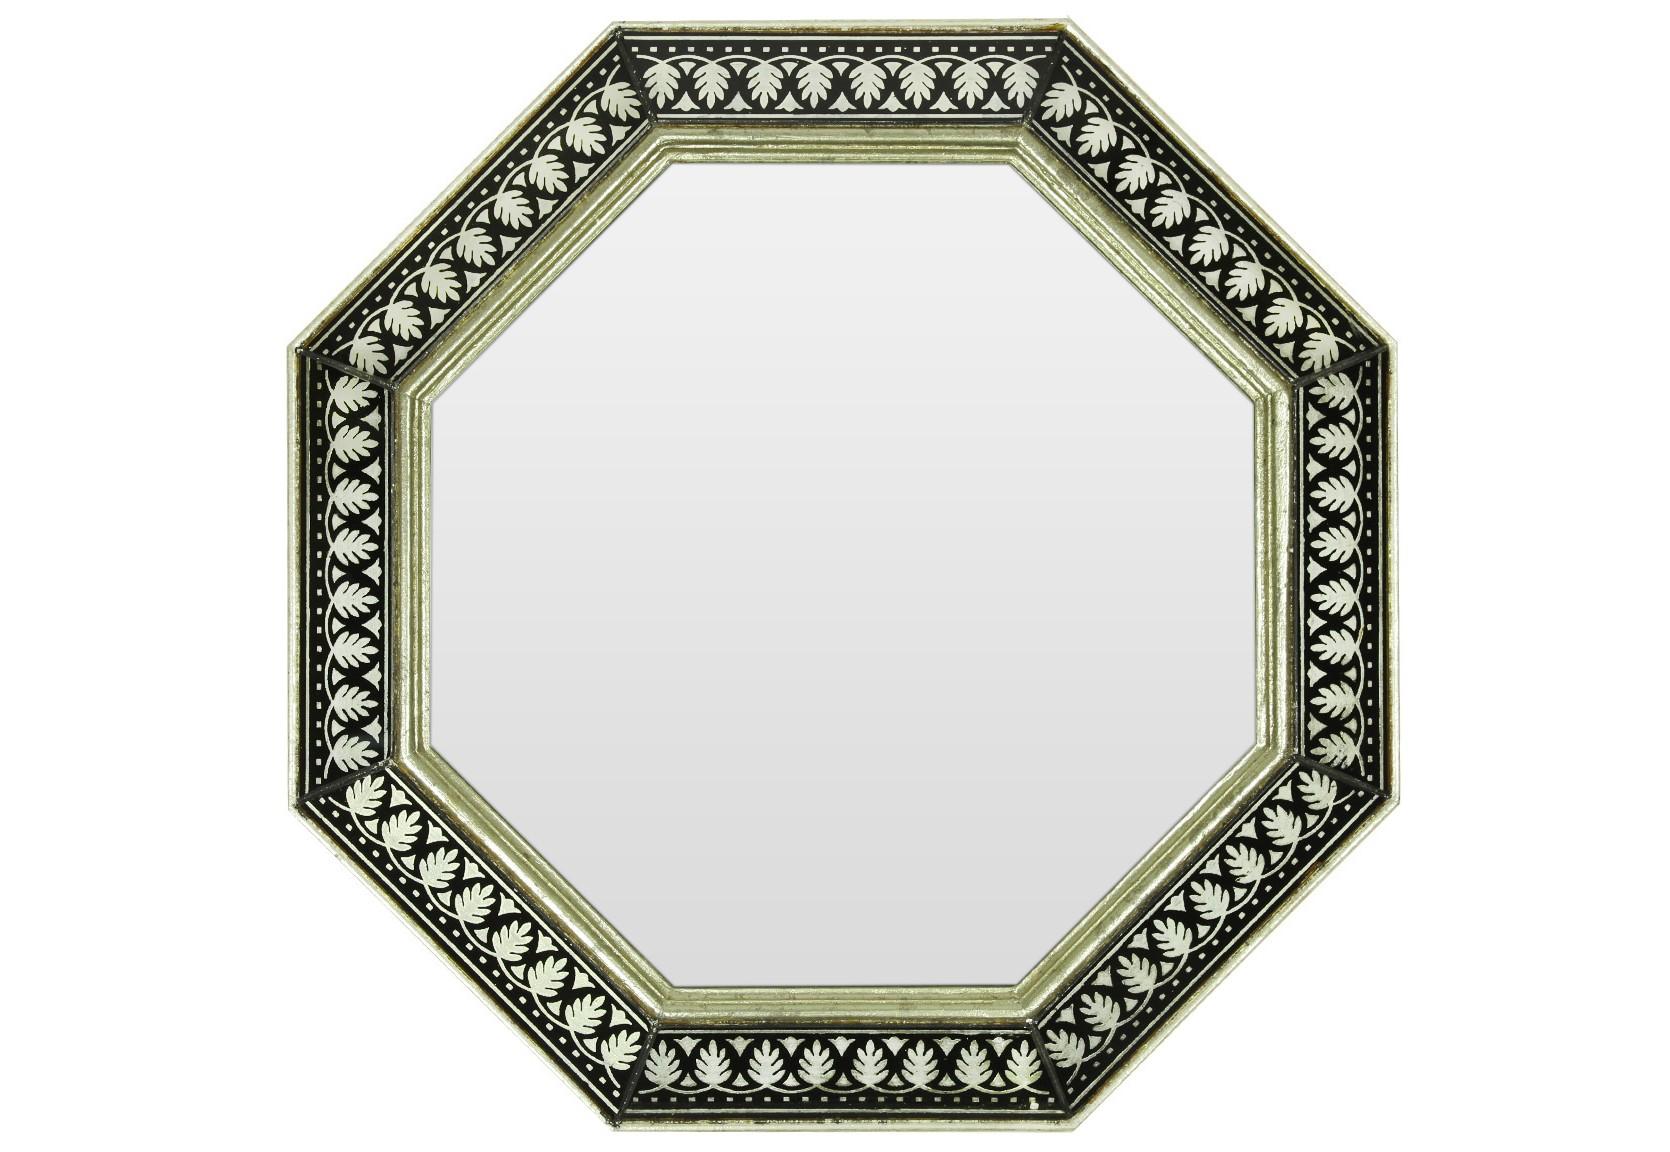 Зеркало ручной работы Наследие орнаментовНастенные зеркала<br>Когда художник находится в процессе творчества, его могут вдохновить совершенно неожиданные вещи. Например, старинные книги по архитектуре, на страницах которых создатель зеркала нашел удивительный флористический орнамент. Особенно роскошно этот рисунок смотрится в приятном оттенке шампань, исполненном на темной раме из натурального дерева.&amp;amp;nbsp;&amp;lt;div&amp;gt;&amp;lt;br&amp;gt;&amp;lt;/div&amp;gt;&amp;lt;div&amp;gt;Материалы: основа - массив дерева; рама - классическое стекло с нанесенным поталью орнаментом; зеркальное полотно - классическое зеркало серебряной амальгамы.&amp;lt;/div&amp;gt;<br><br>Material: Дерево<br>Ширина см: 60<br>Высота см: 60<br>Глубина см: 4